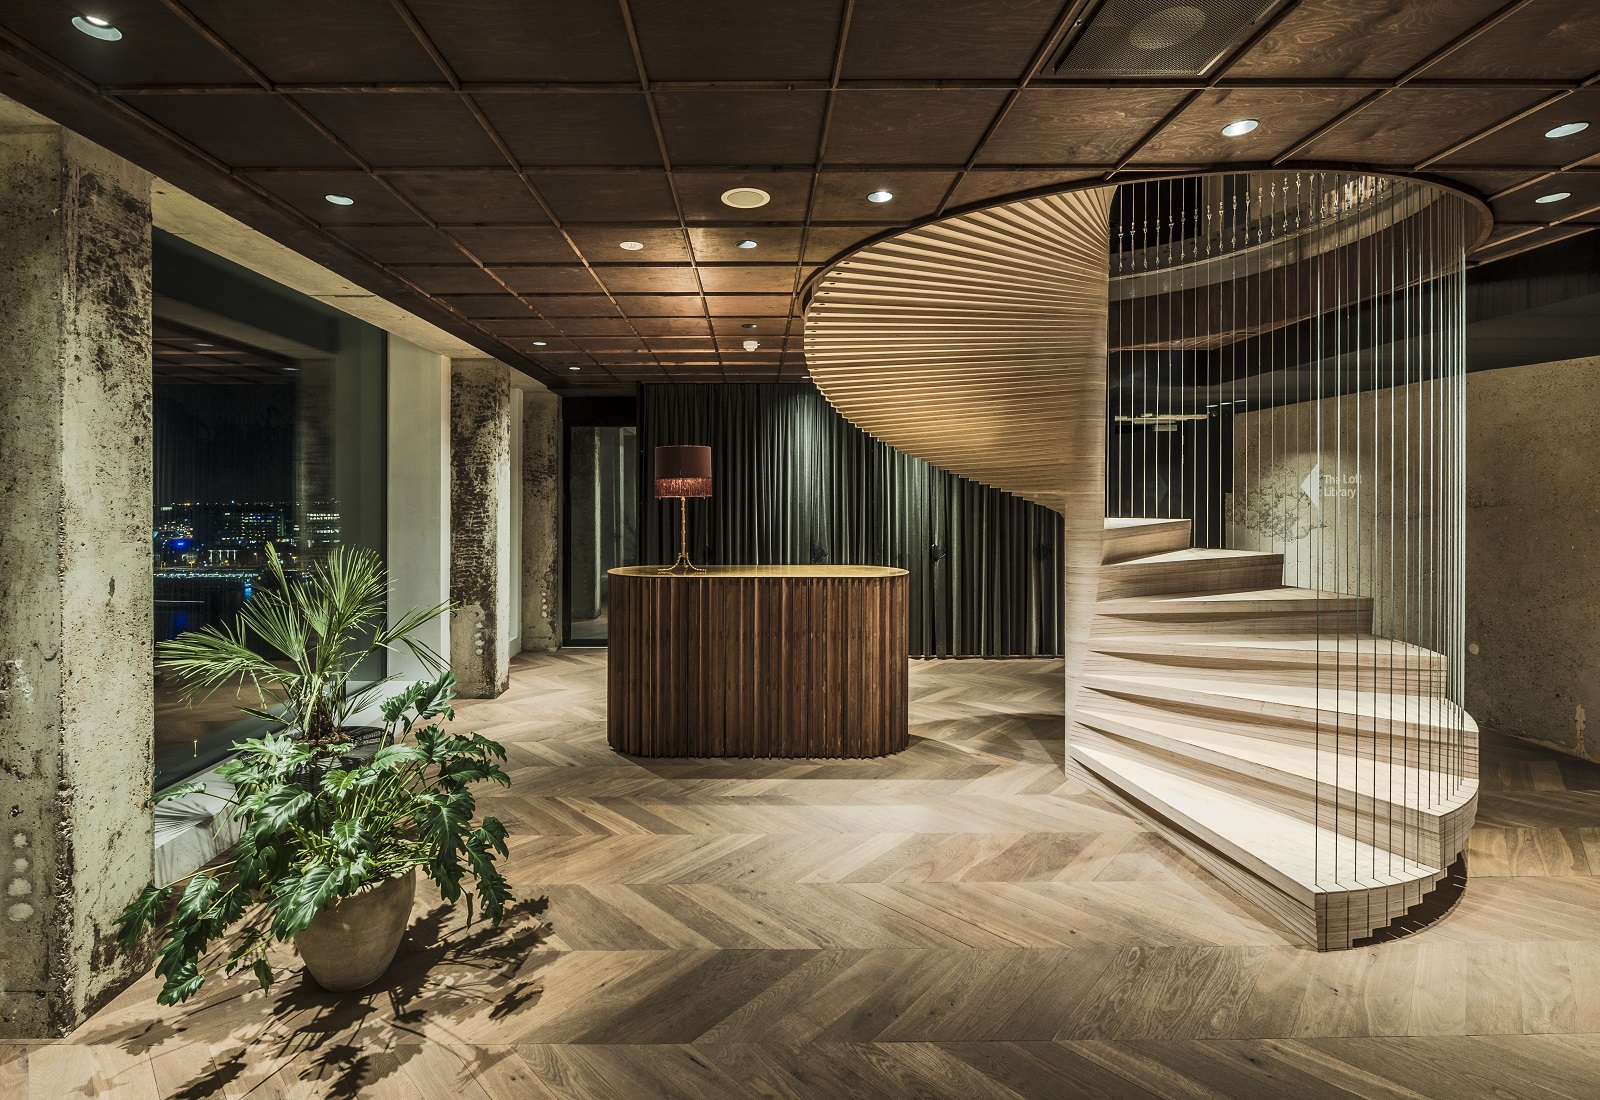 28_Adam_The_Loft_Amsterdam_interior-design-by-TANK_Tommy-Kleerekoper_Sanne-Schenk_Photography-by-Teo-Krijgsman_0371.jpg